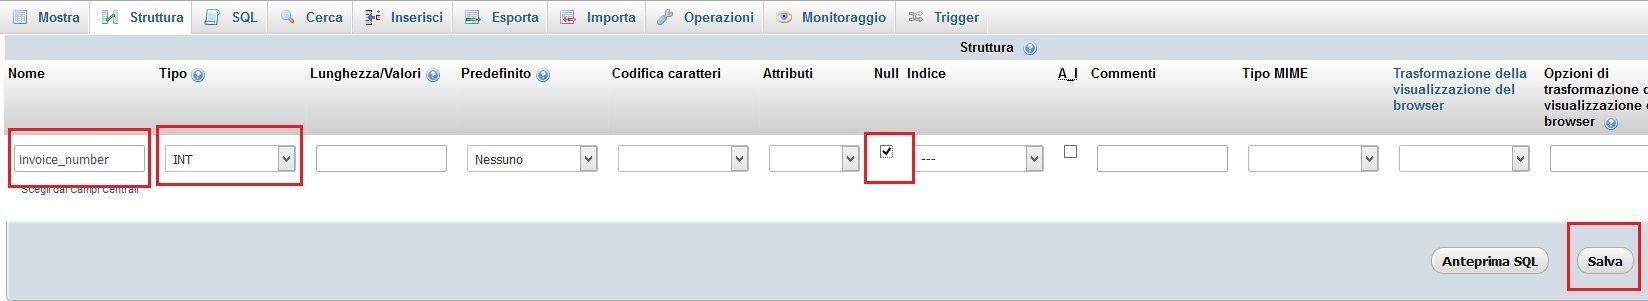 Campo incoice_number nella tabella ps_order_slip